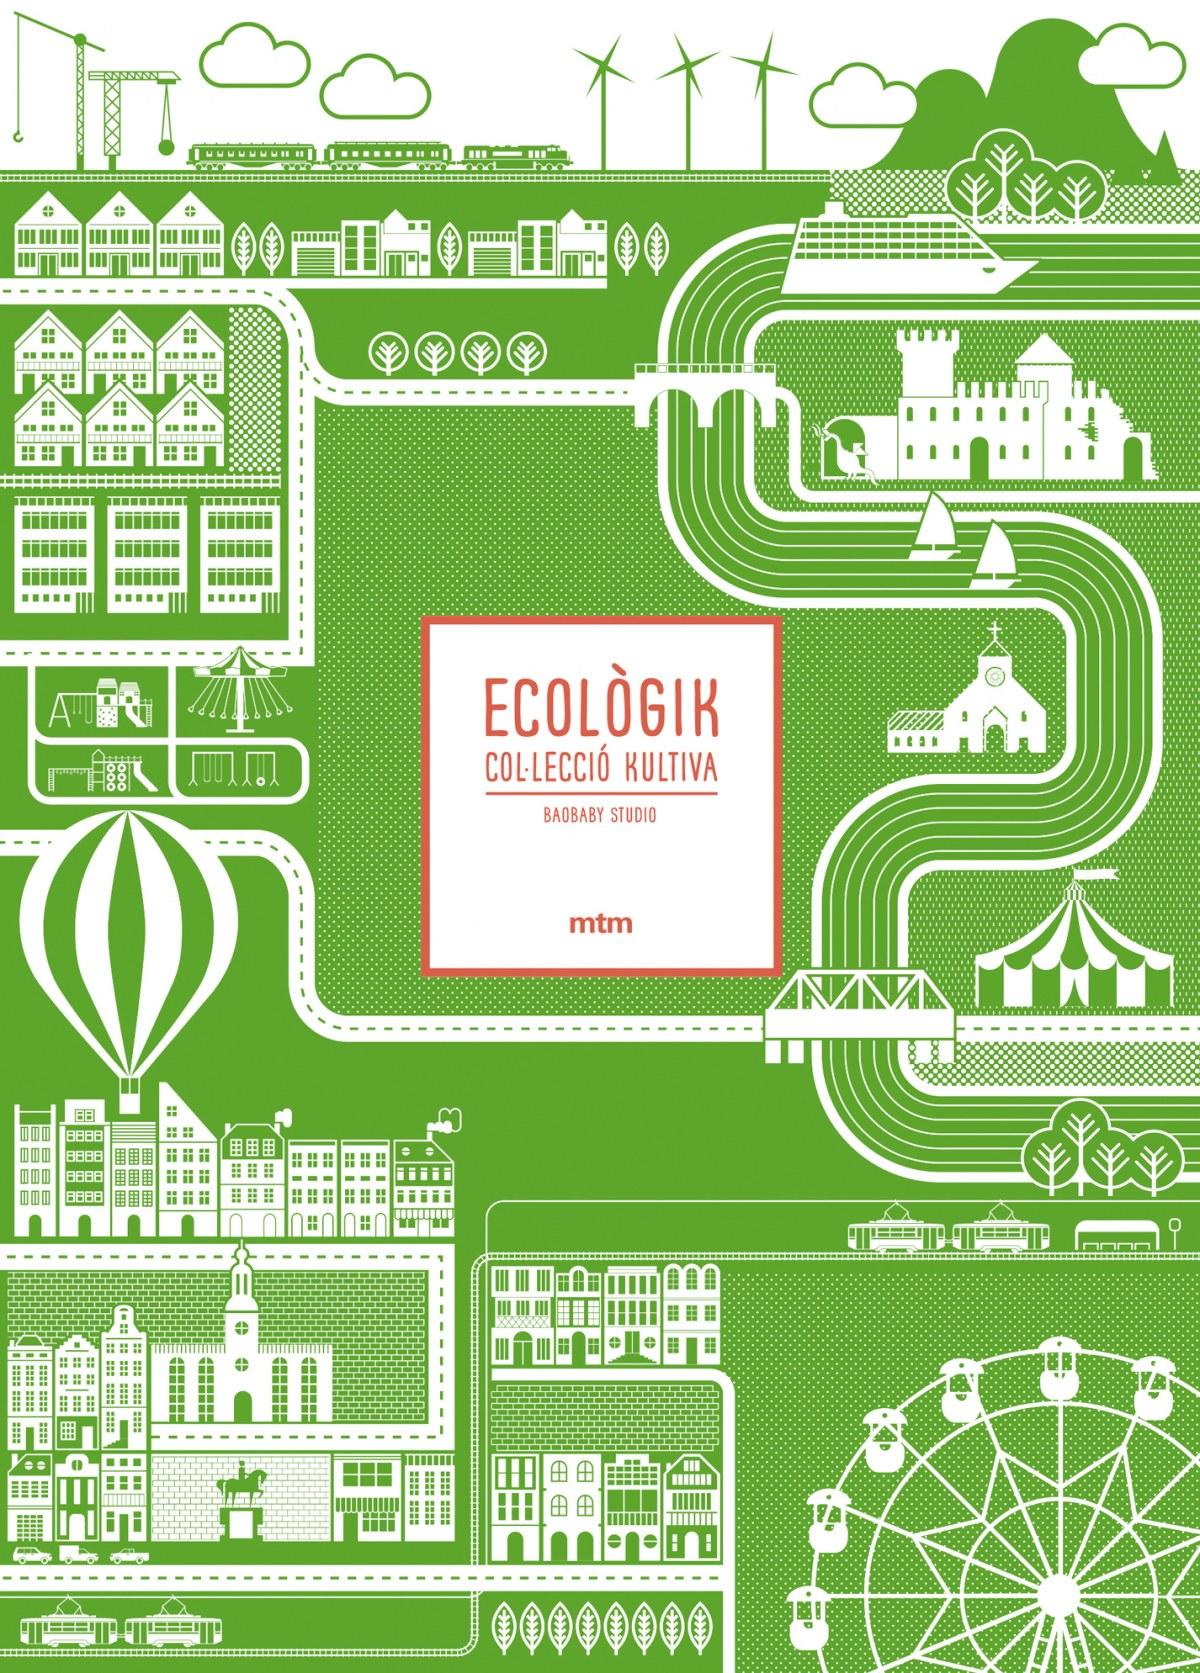 Ecològik